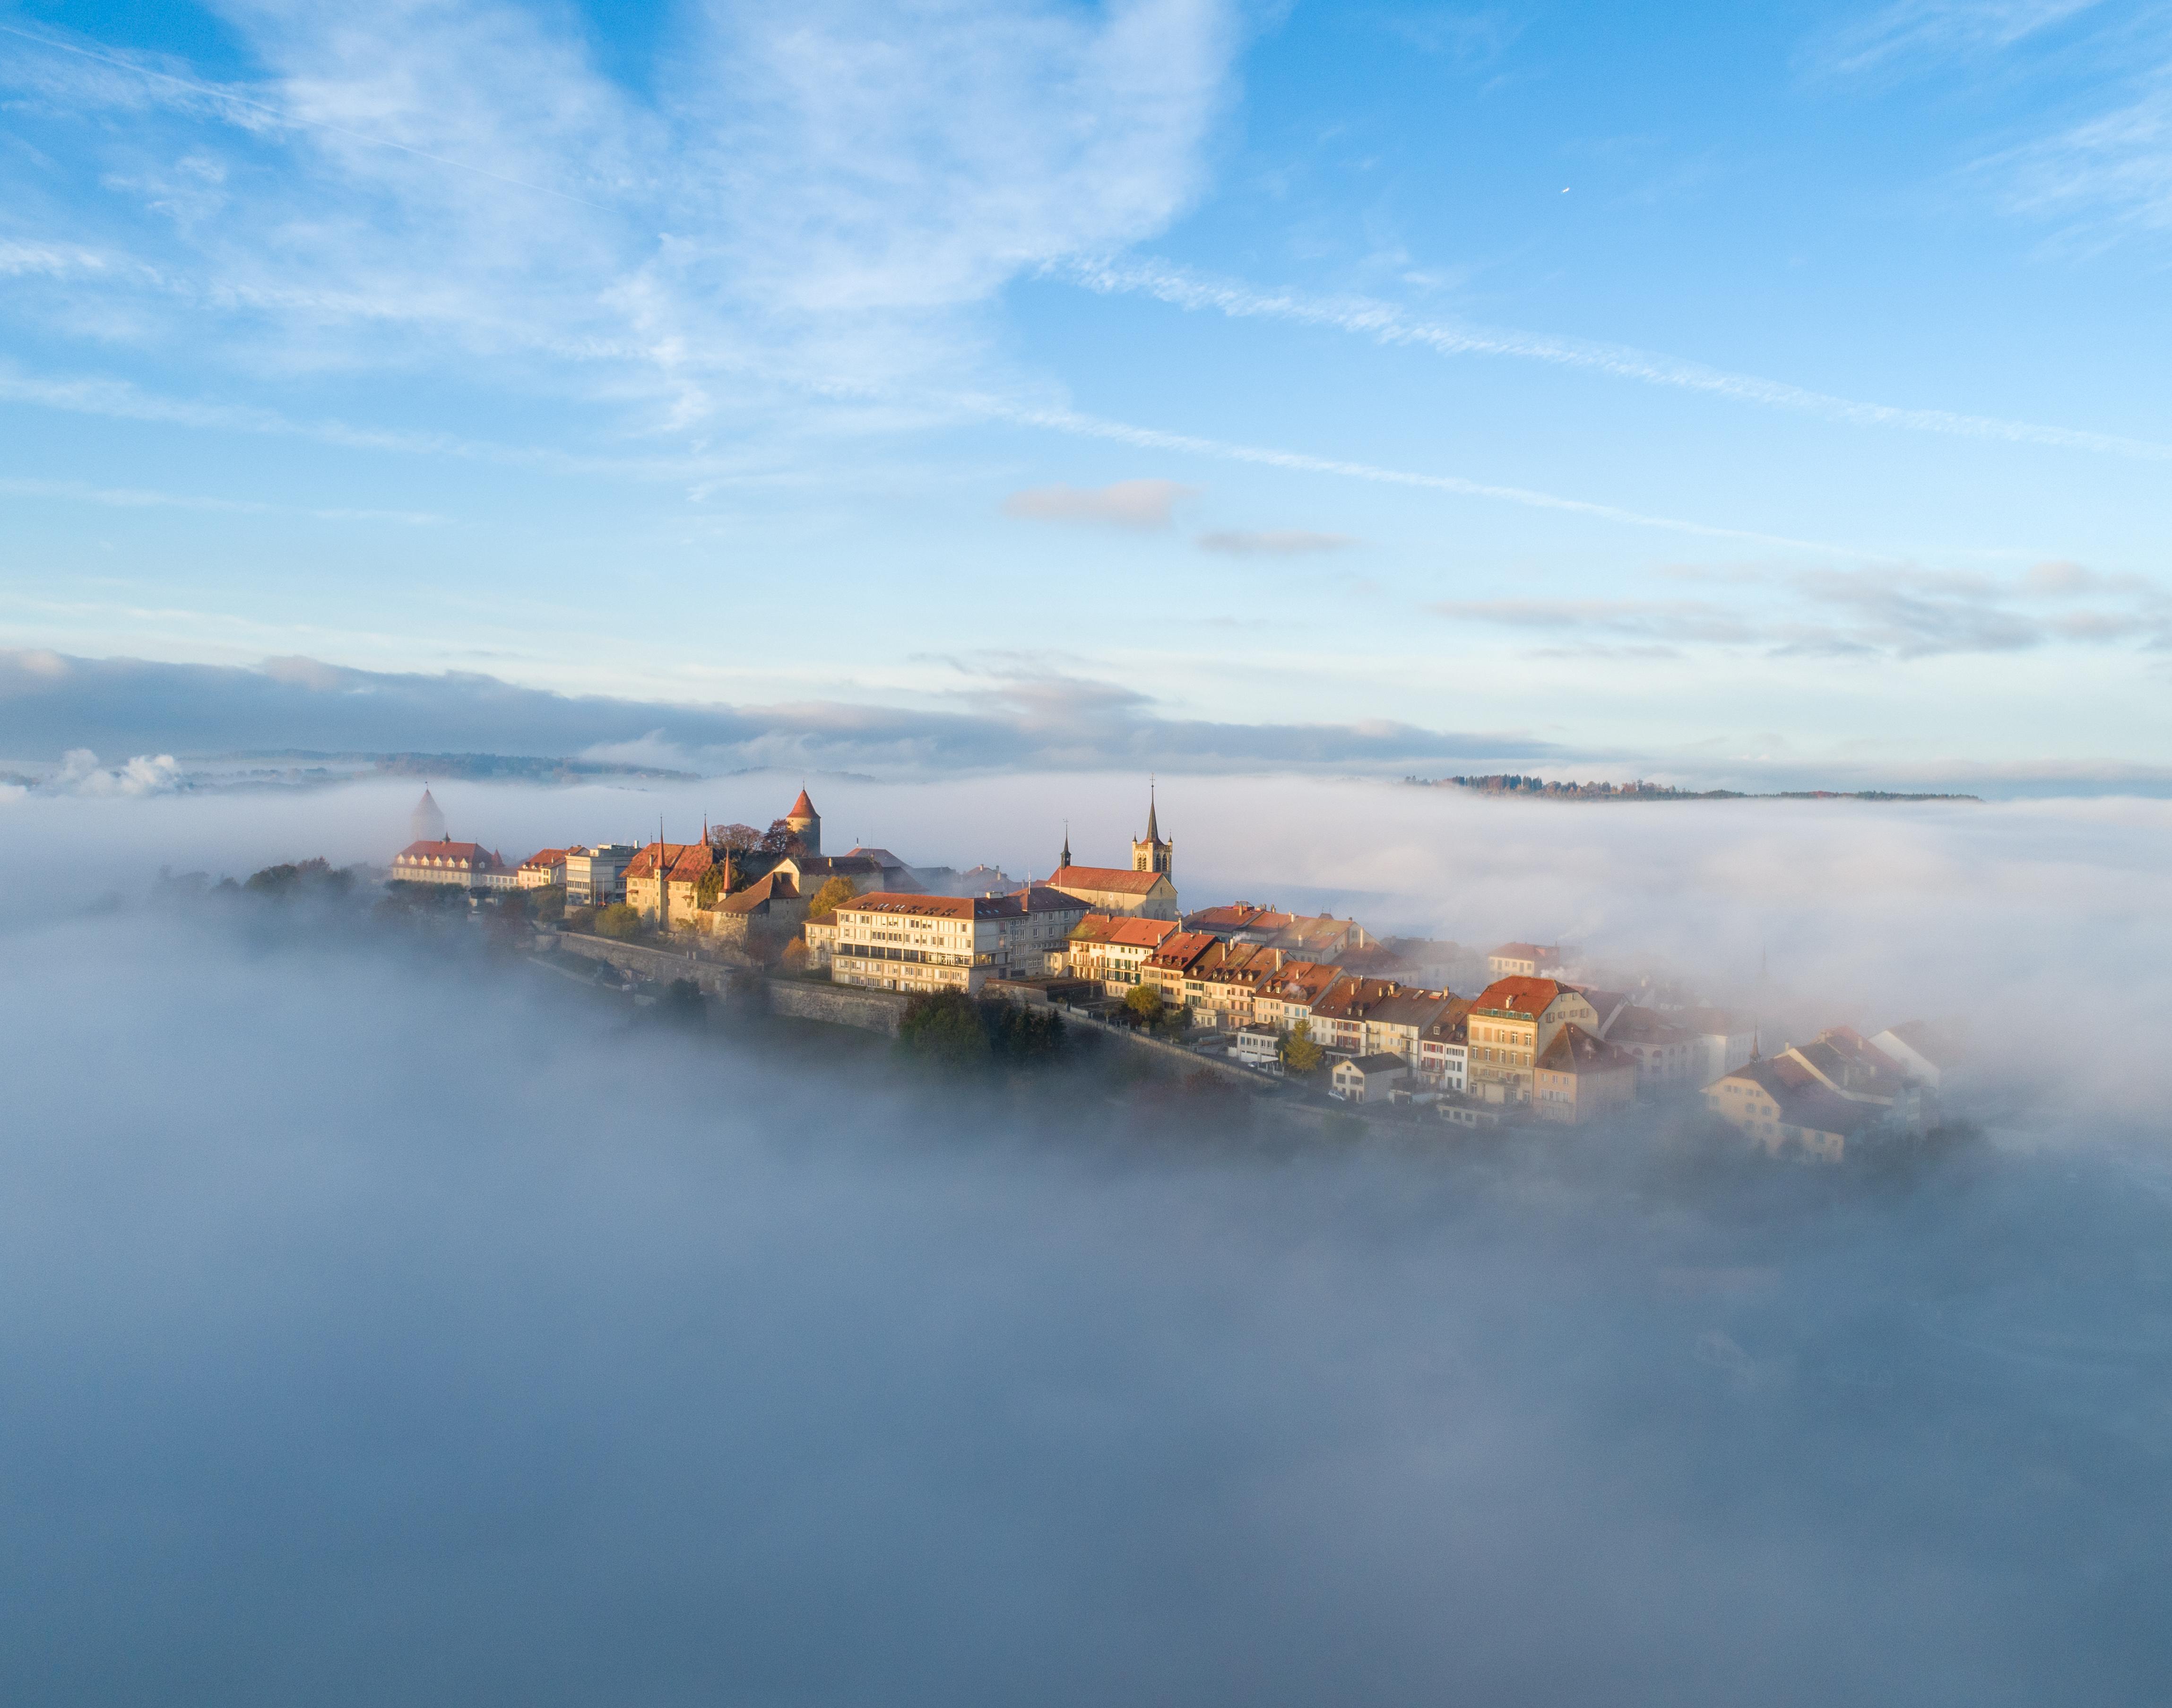 A l'instar de Romont, les cités médiévales du canton de Fribourg valent le détour